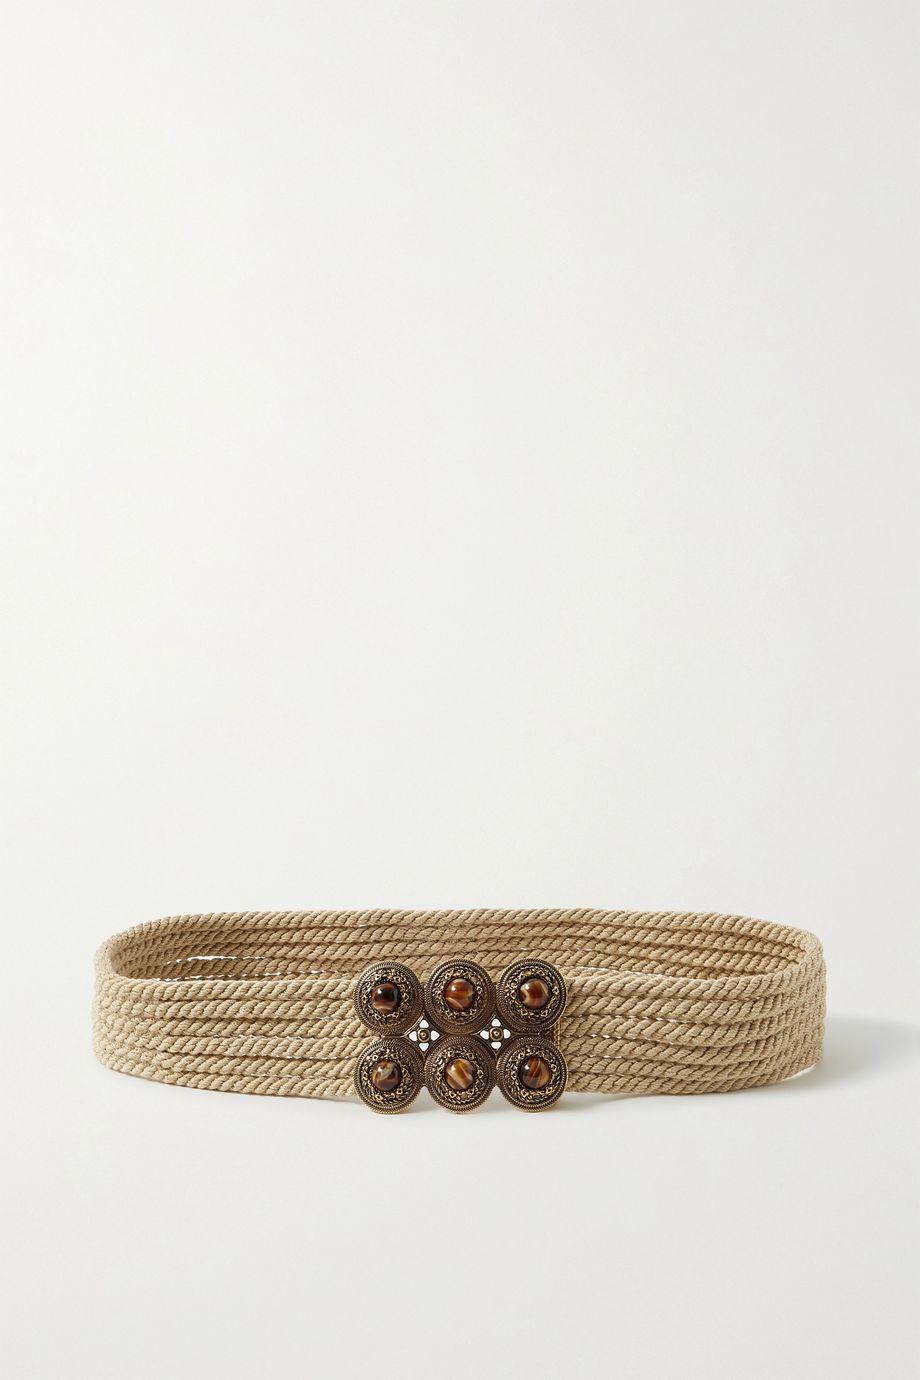 Etro Ceinture en corde de coton à ornements